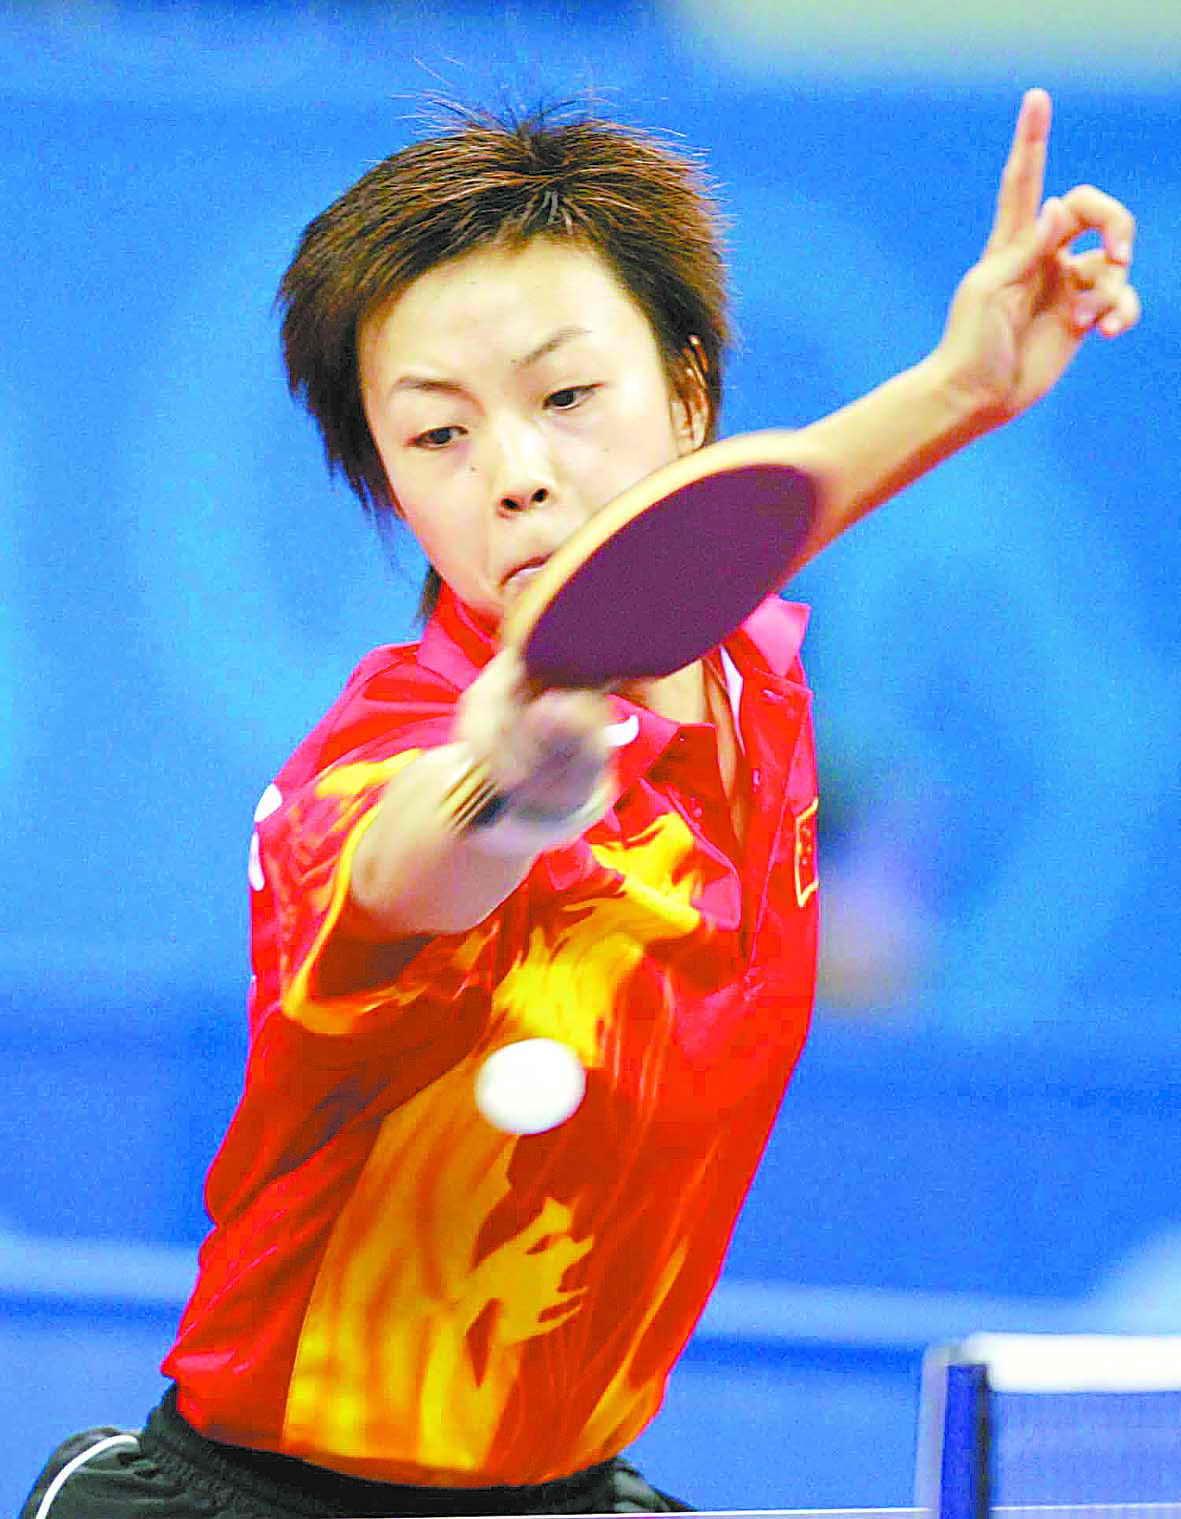 北京,向国际化体育中心城市赛马(组图)迈进吴巧媚图片